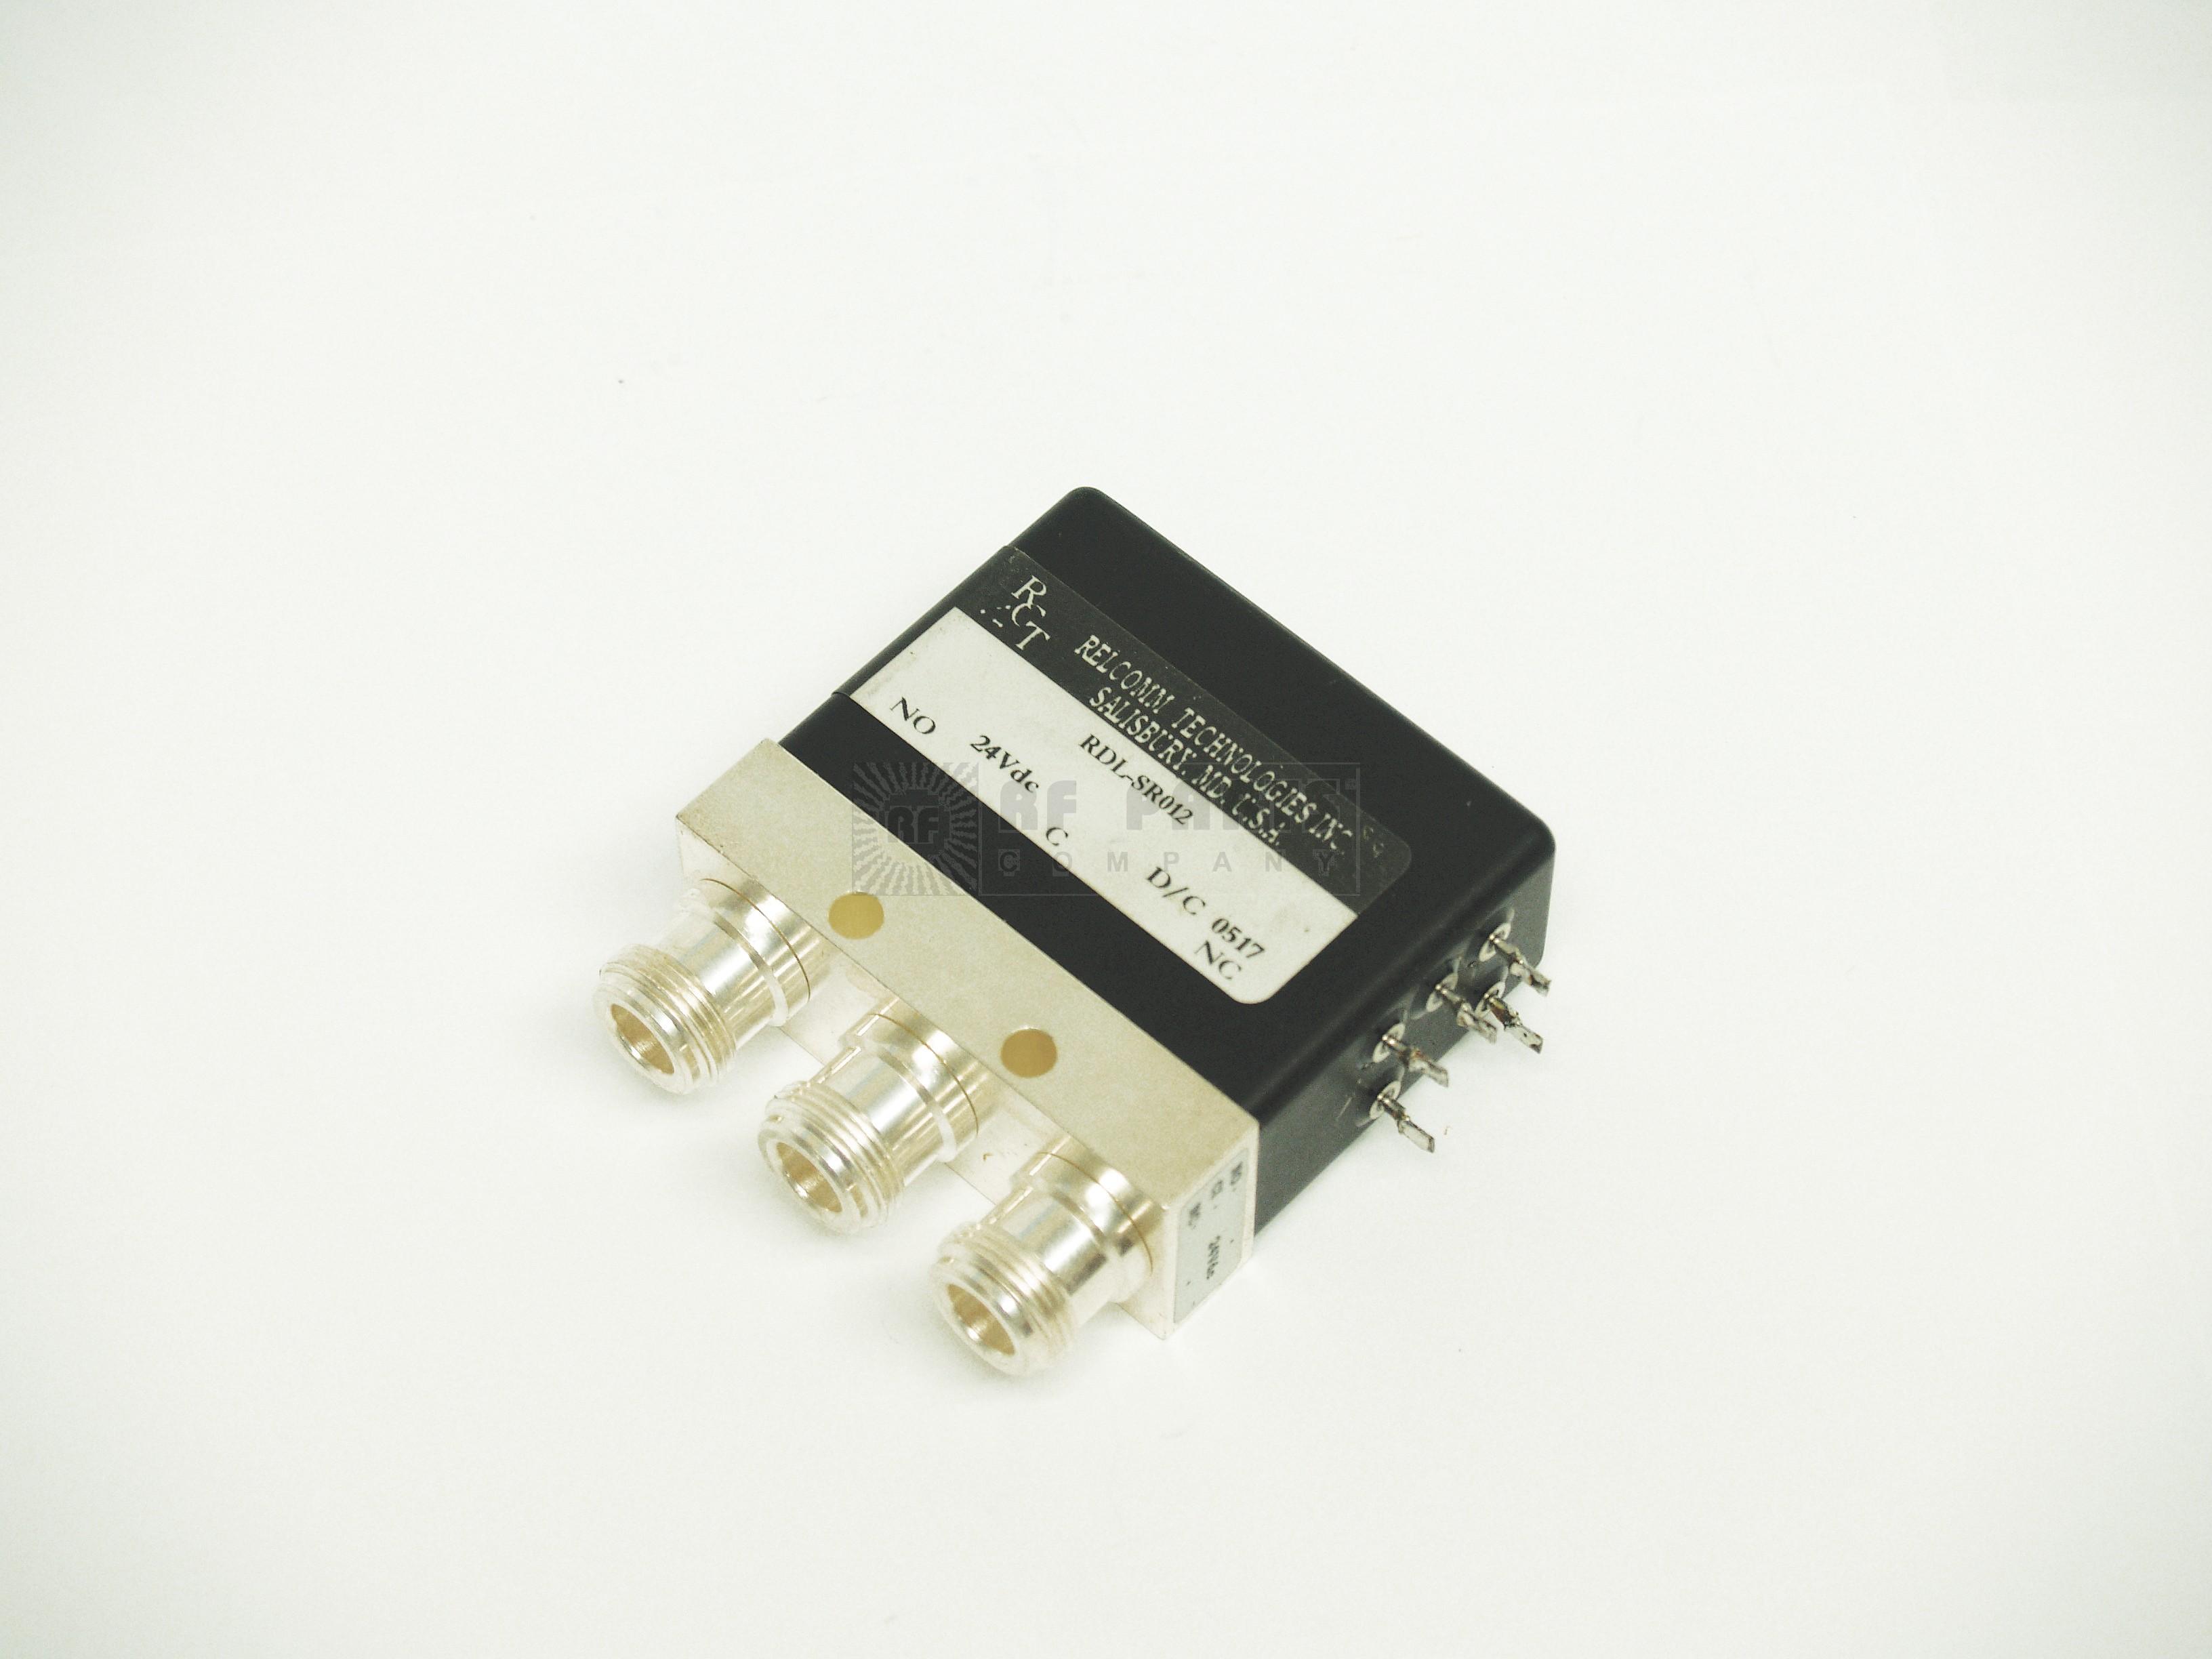 RDL-SR012 Relay, coaxial spdt type-n 20-28vdc